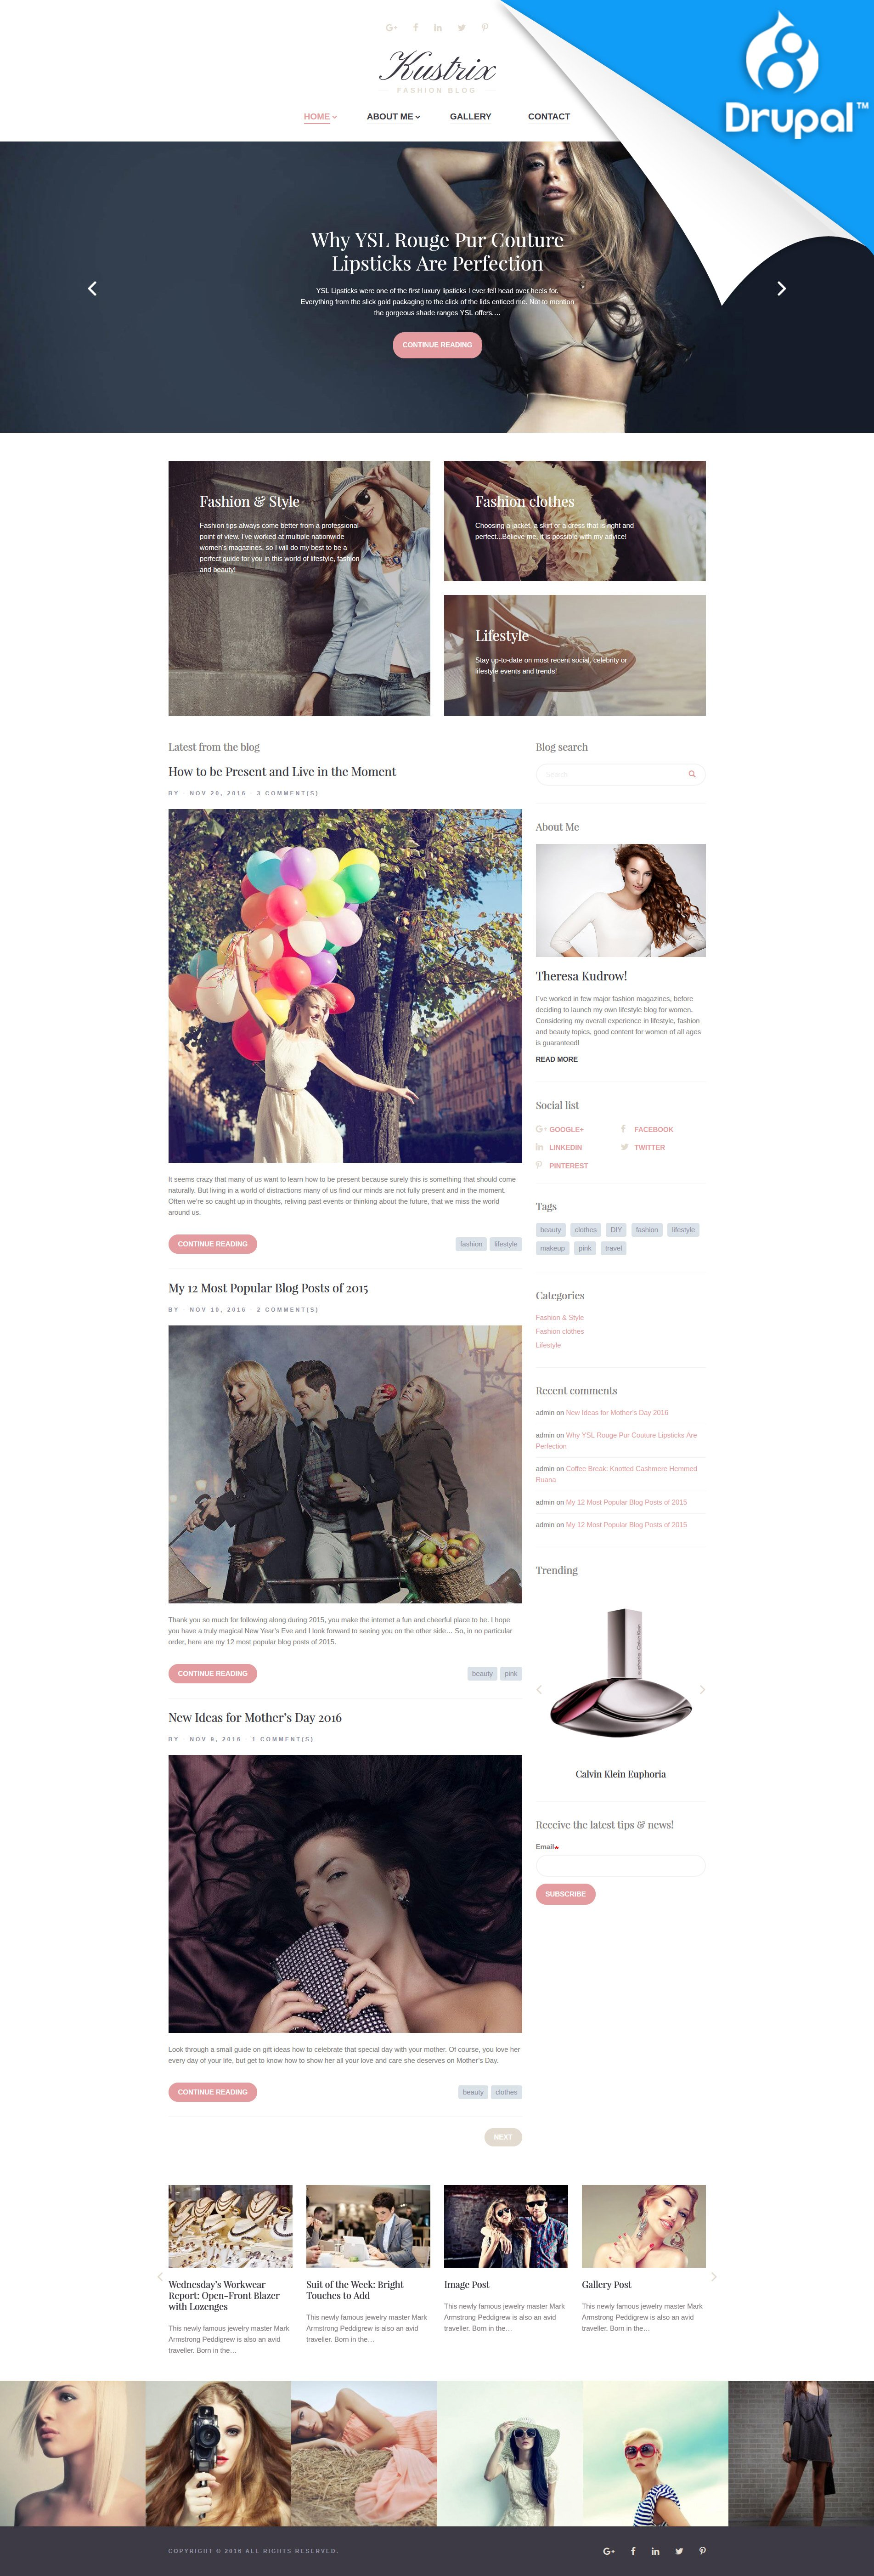 Beste Kostenlose Mode Blog Vorlagen Fotos ...